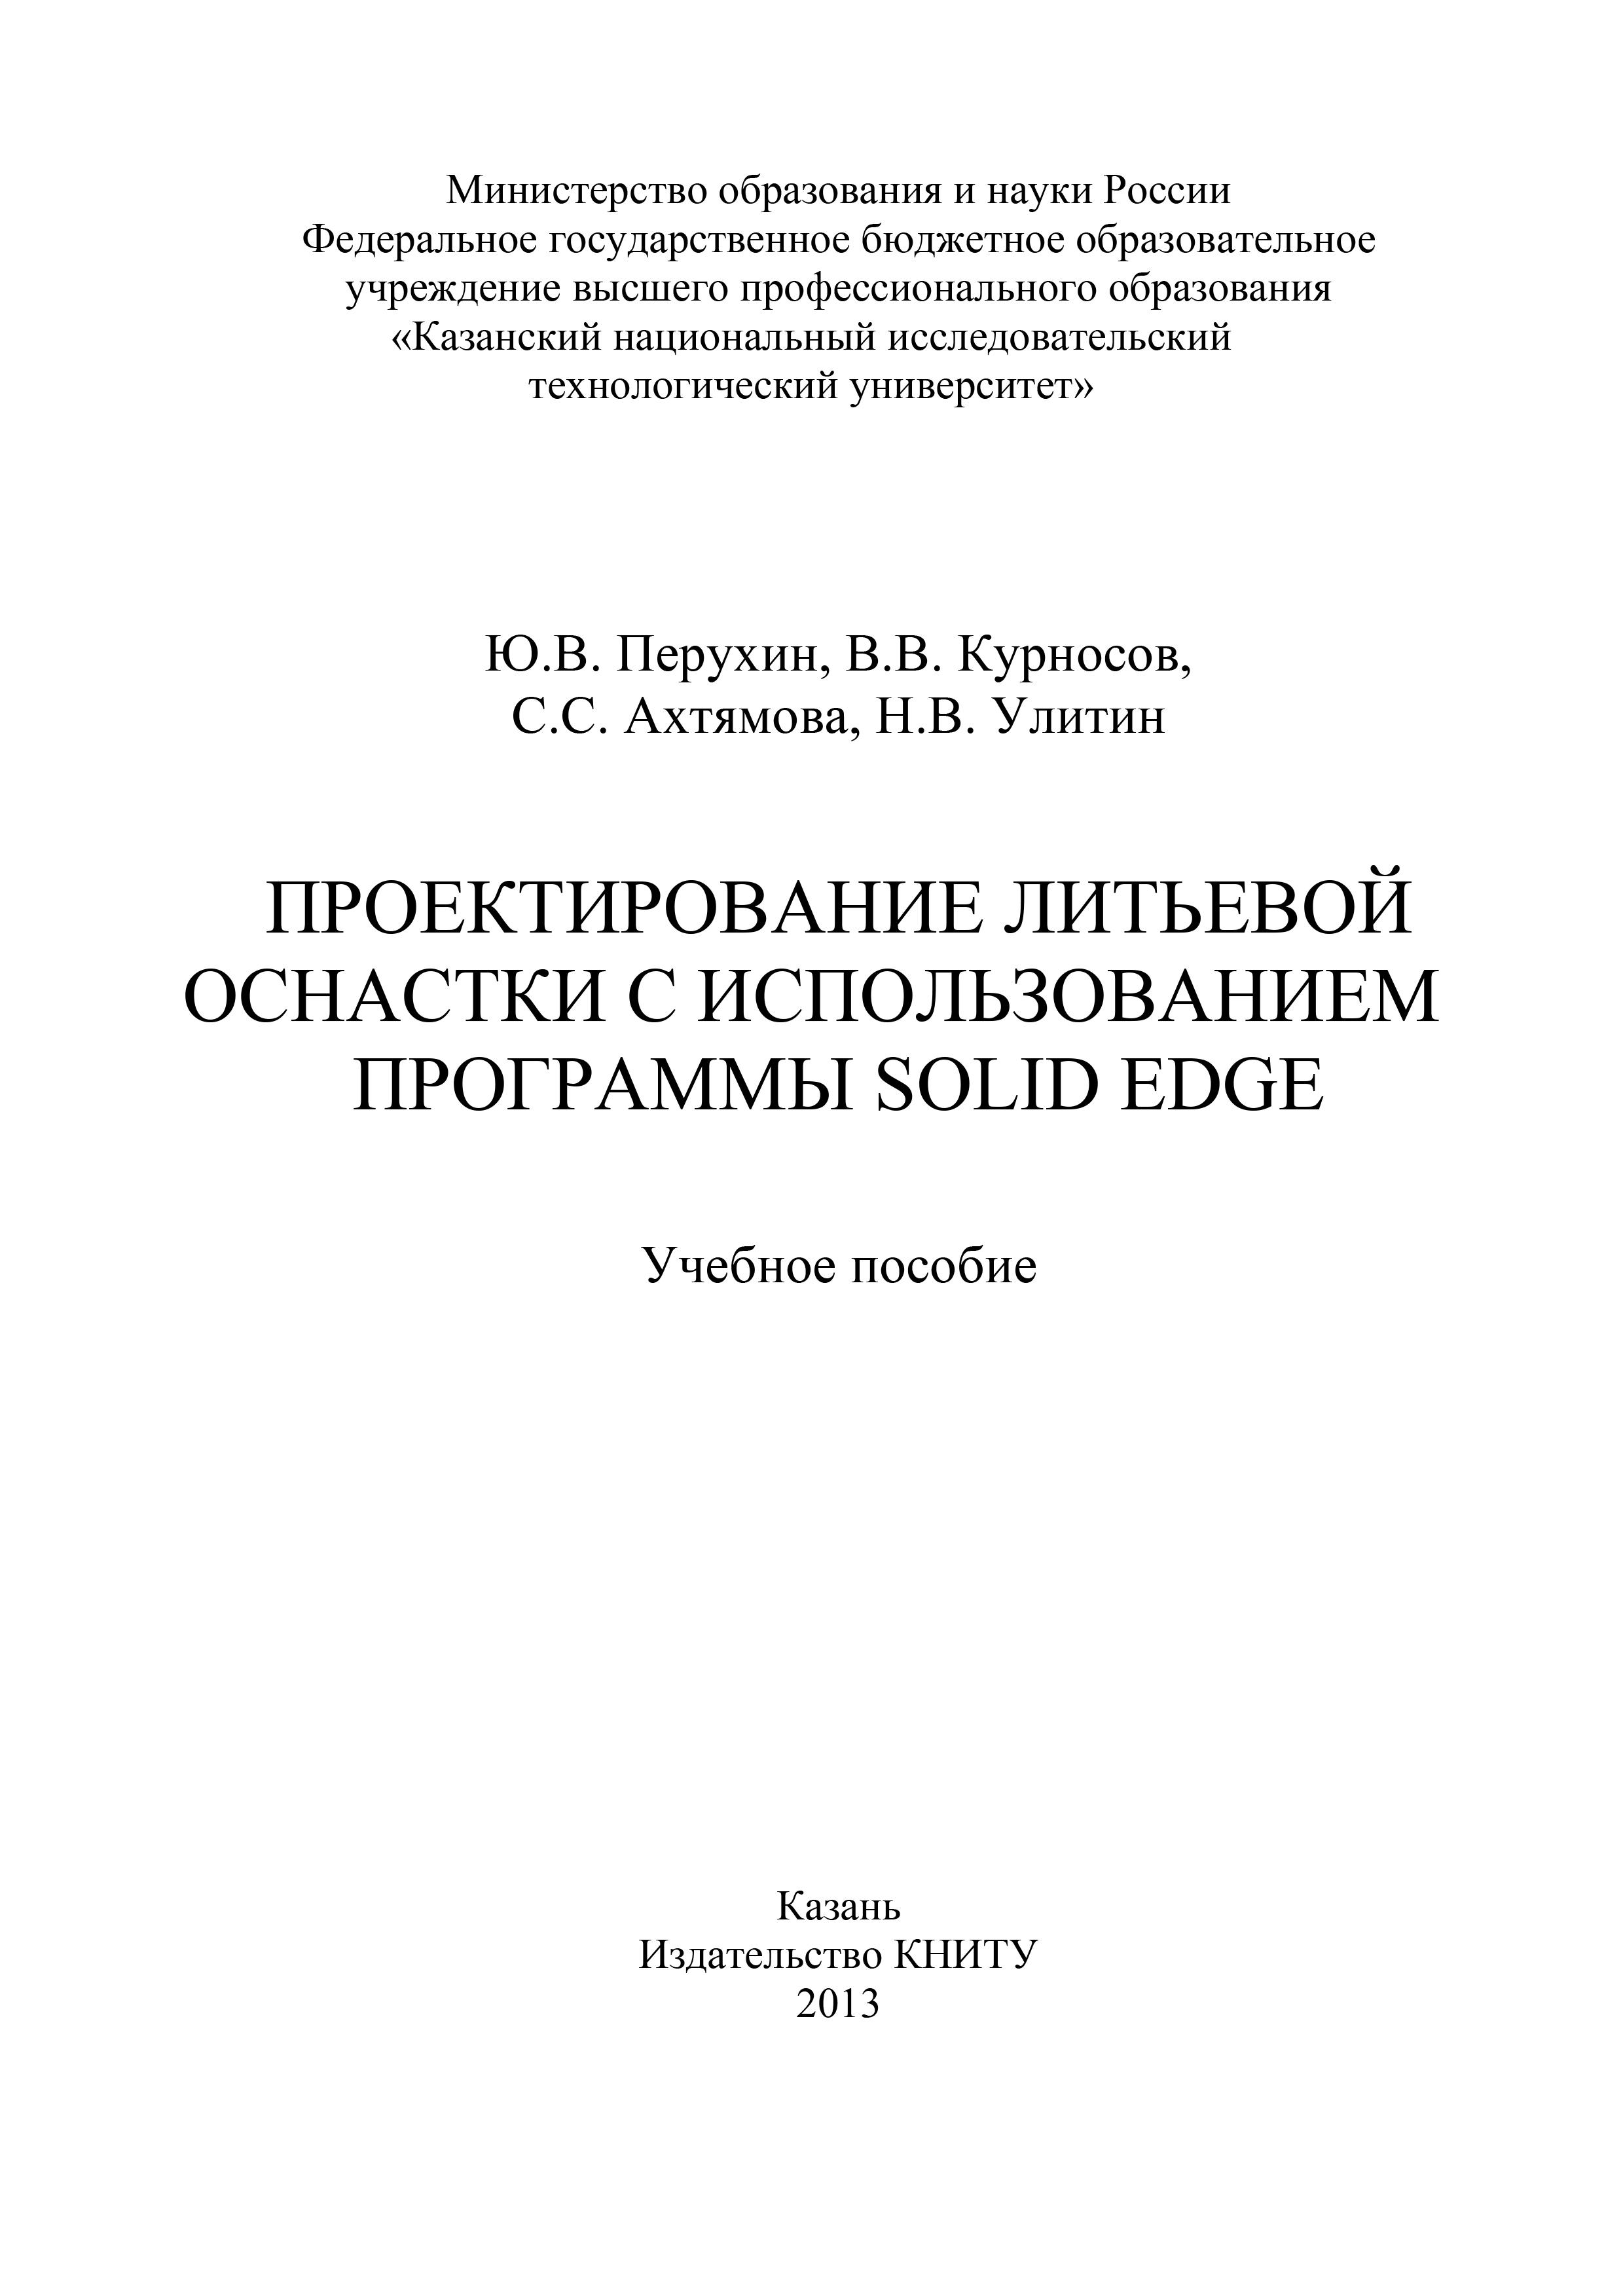 С. Ахтямова Проектирование литьевой оснастки с использованием программы Solid Edge одеяла alvitek одеяло алоэ люкс легкое 140х205 см